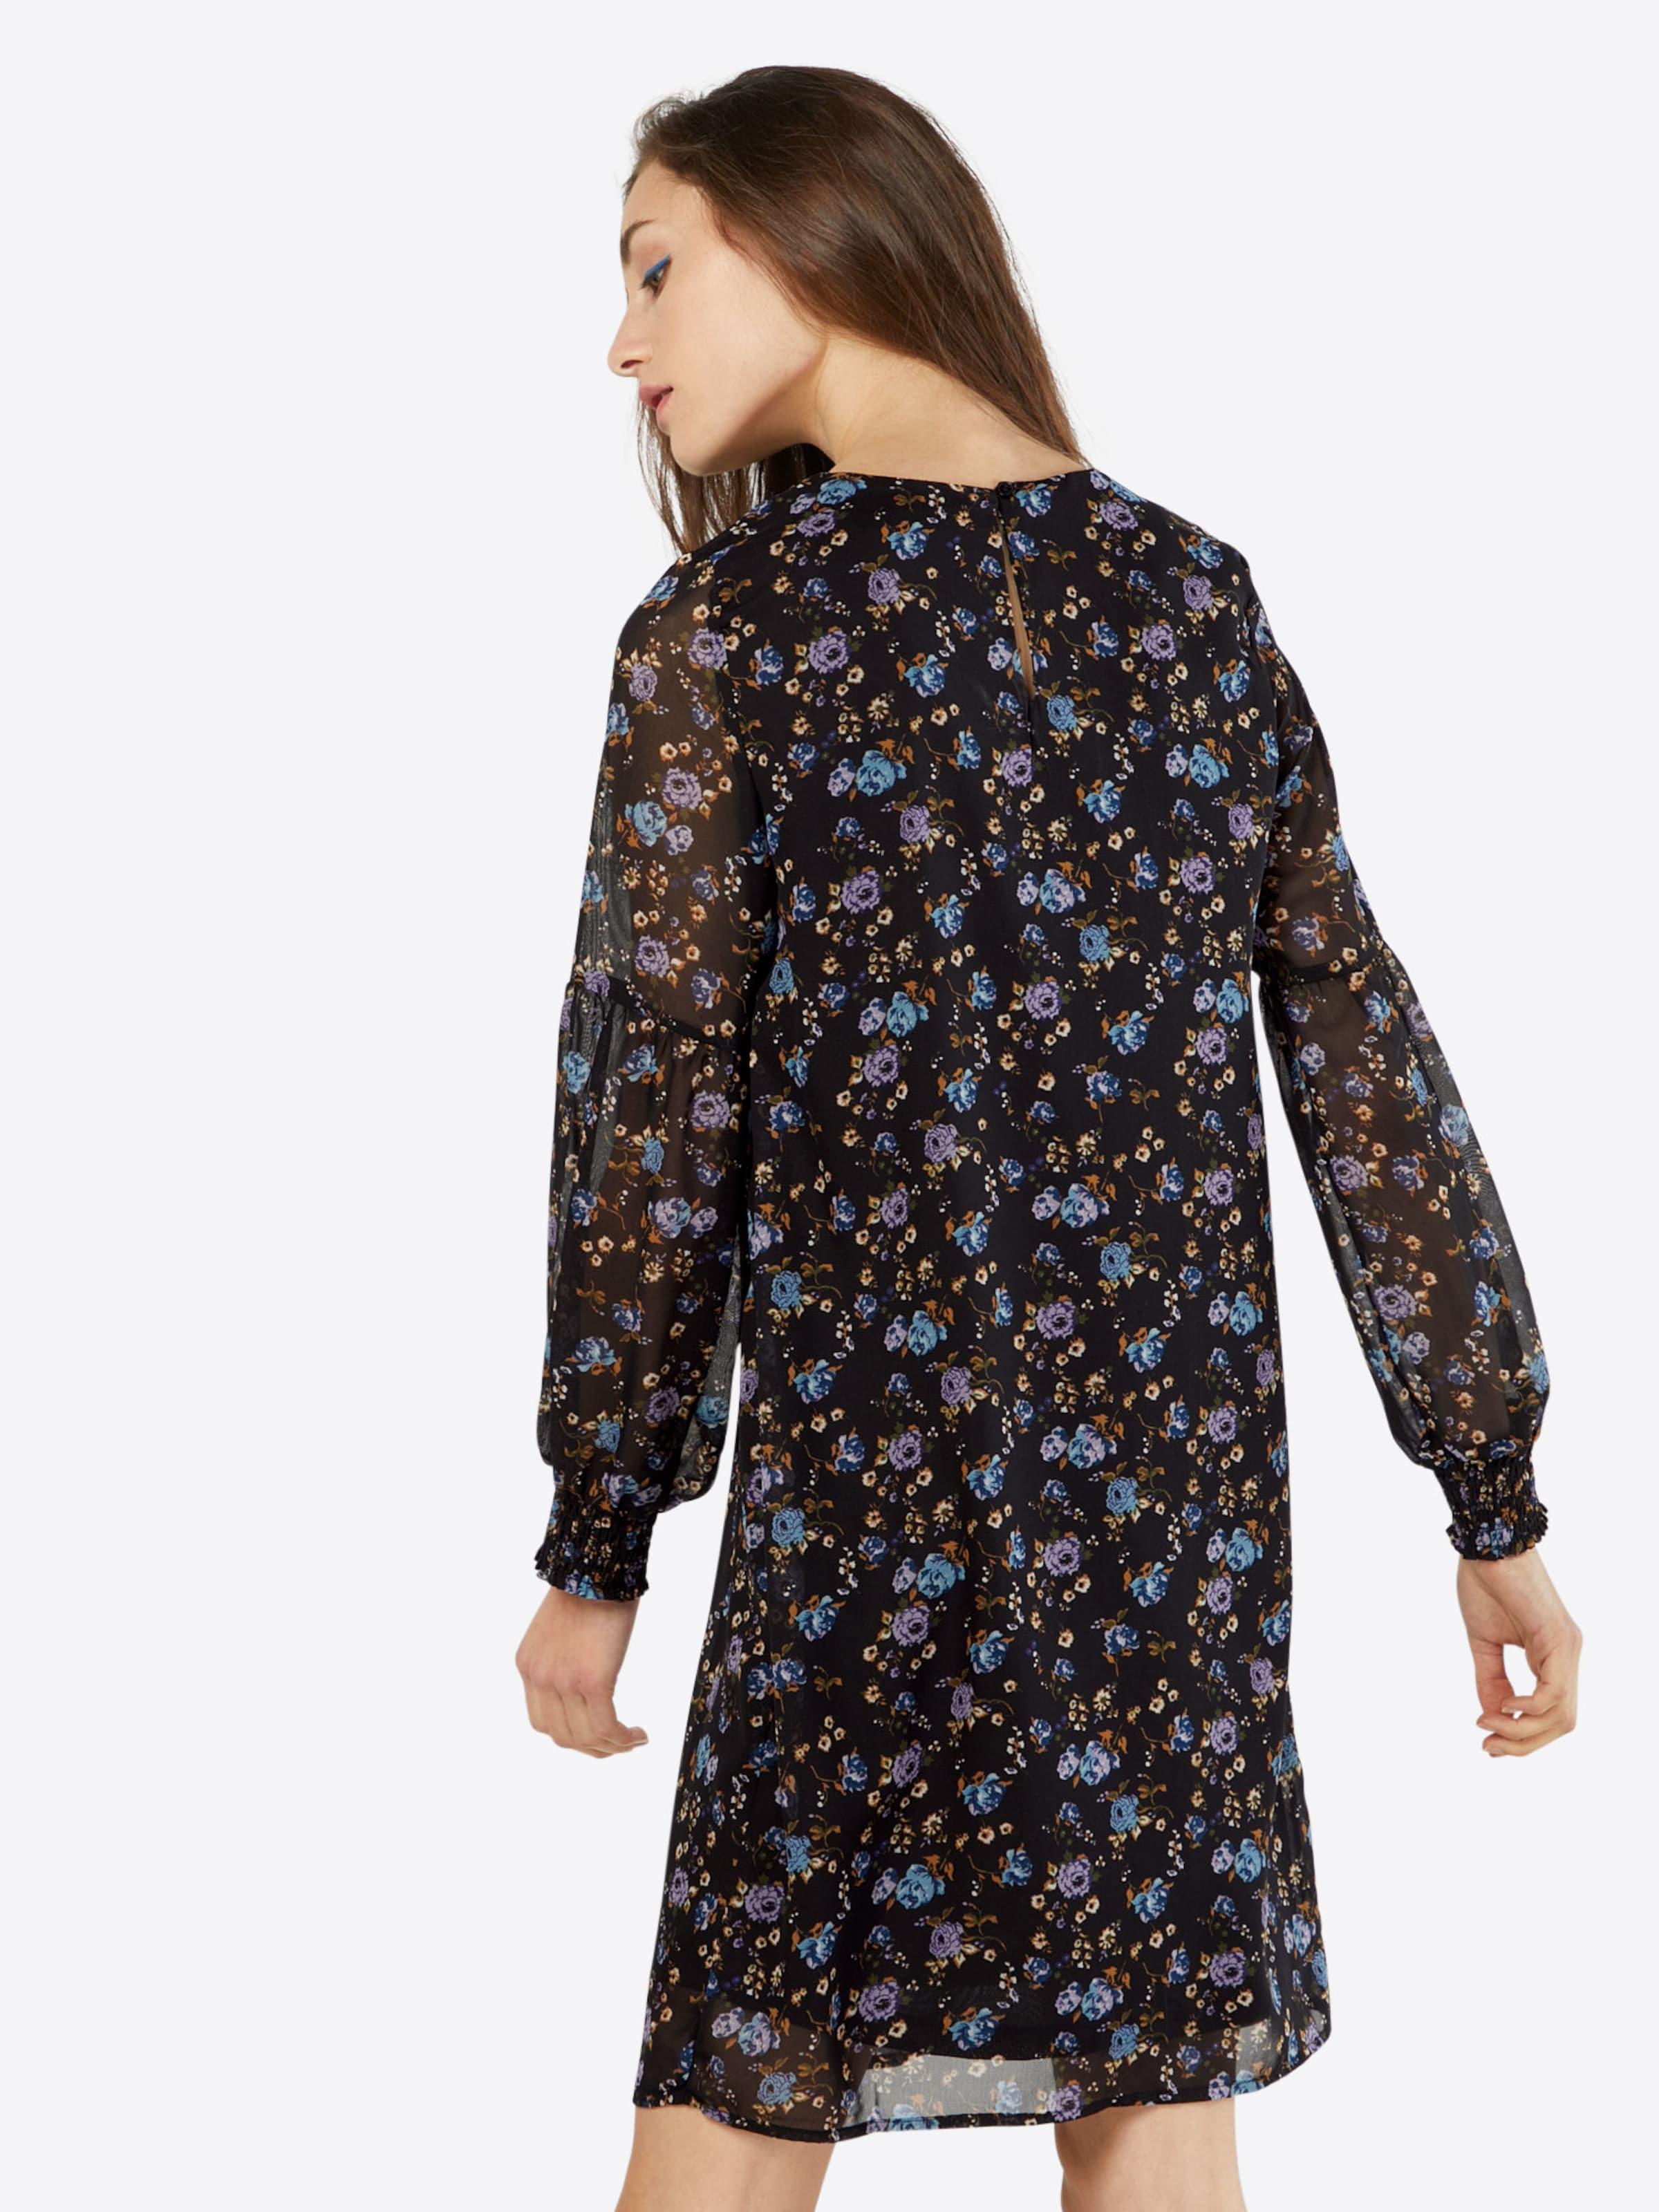 VERO MODA Kleid 'ROSE' Billig Geniue Händler Austrittsspeicherstellen Discount-Marke Neue Unisex khv50